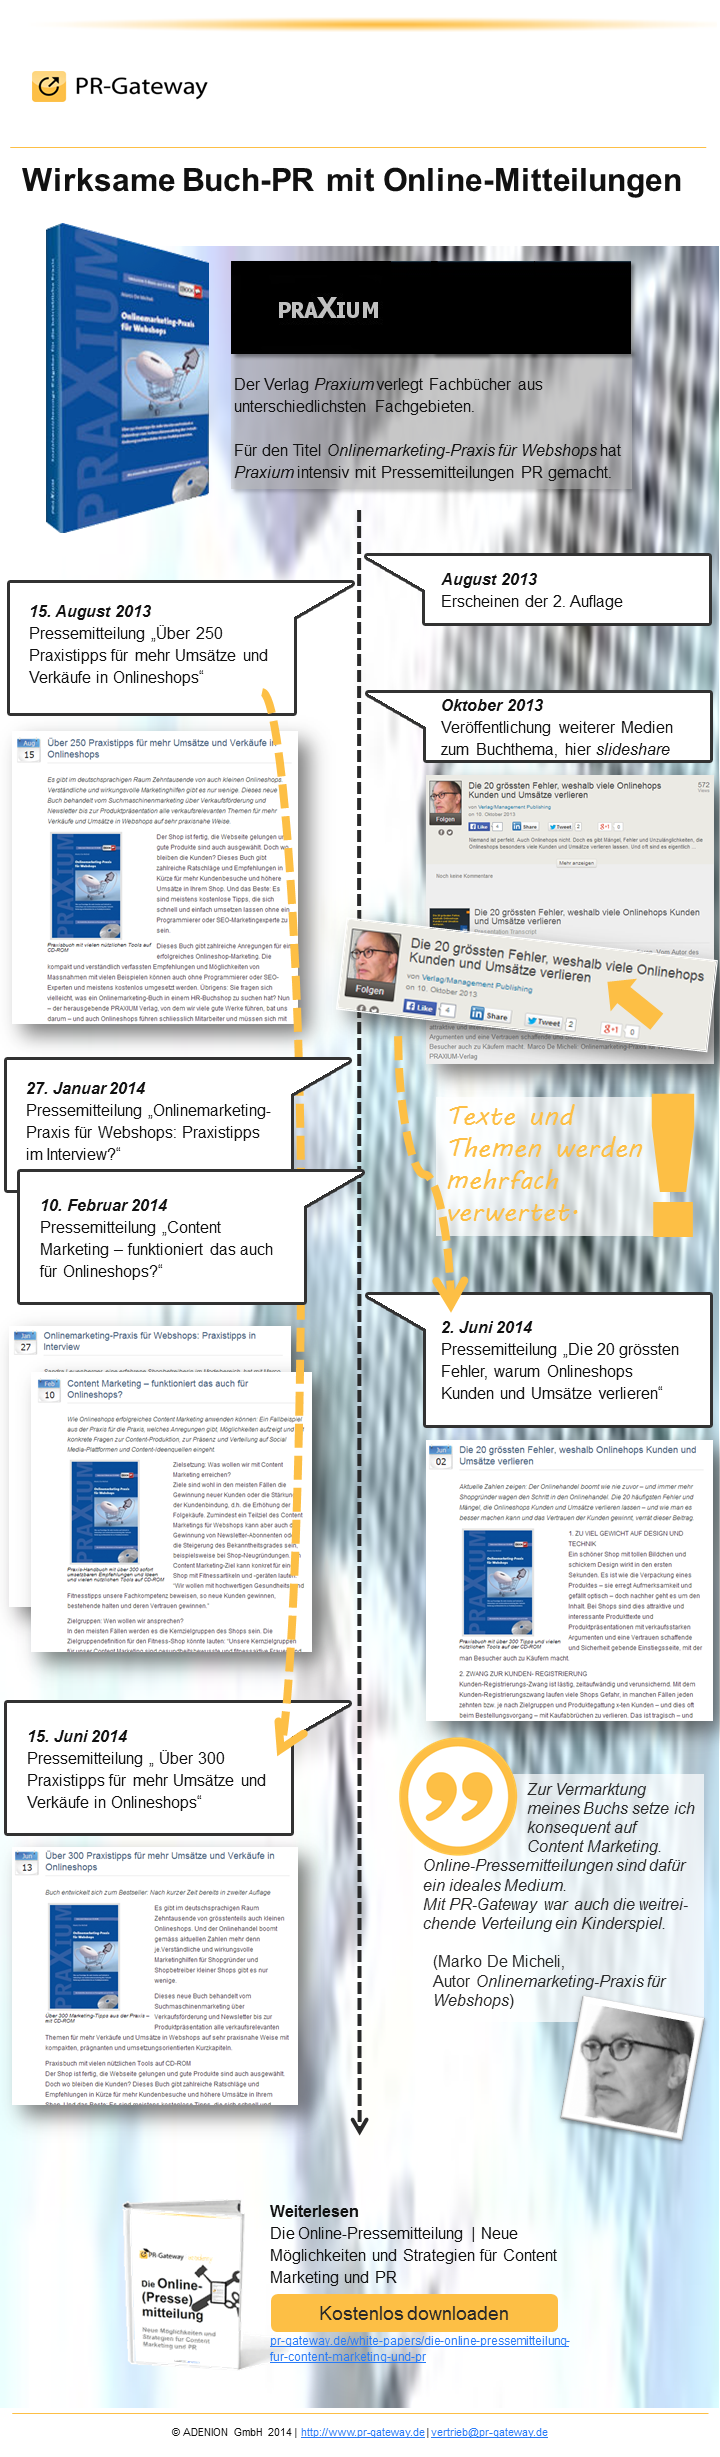 Case Study Infografik zum Einsatz von Online-Pressemitteilungen bei PRAXIUM